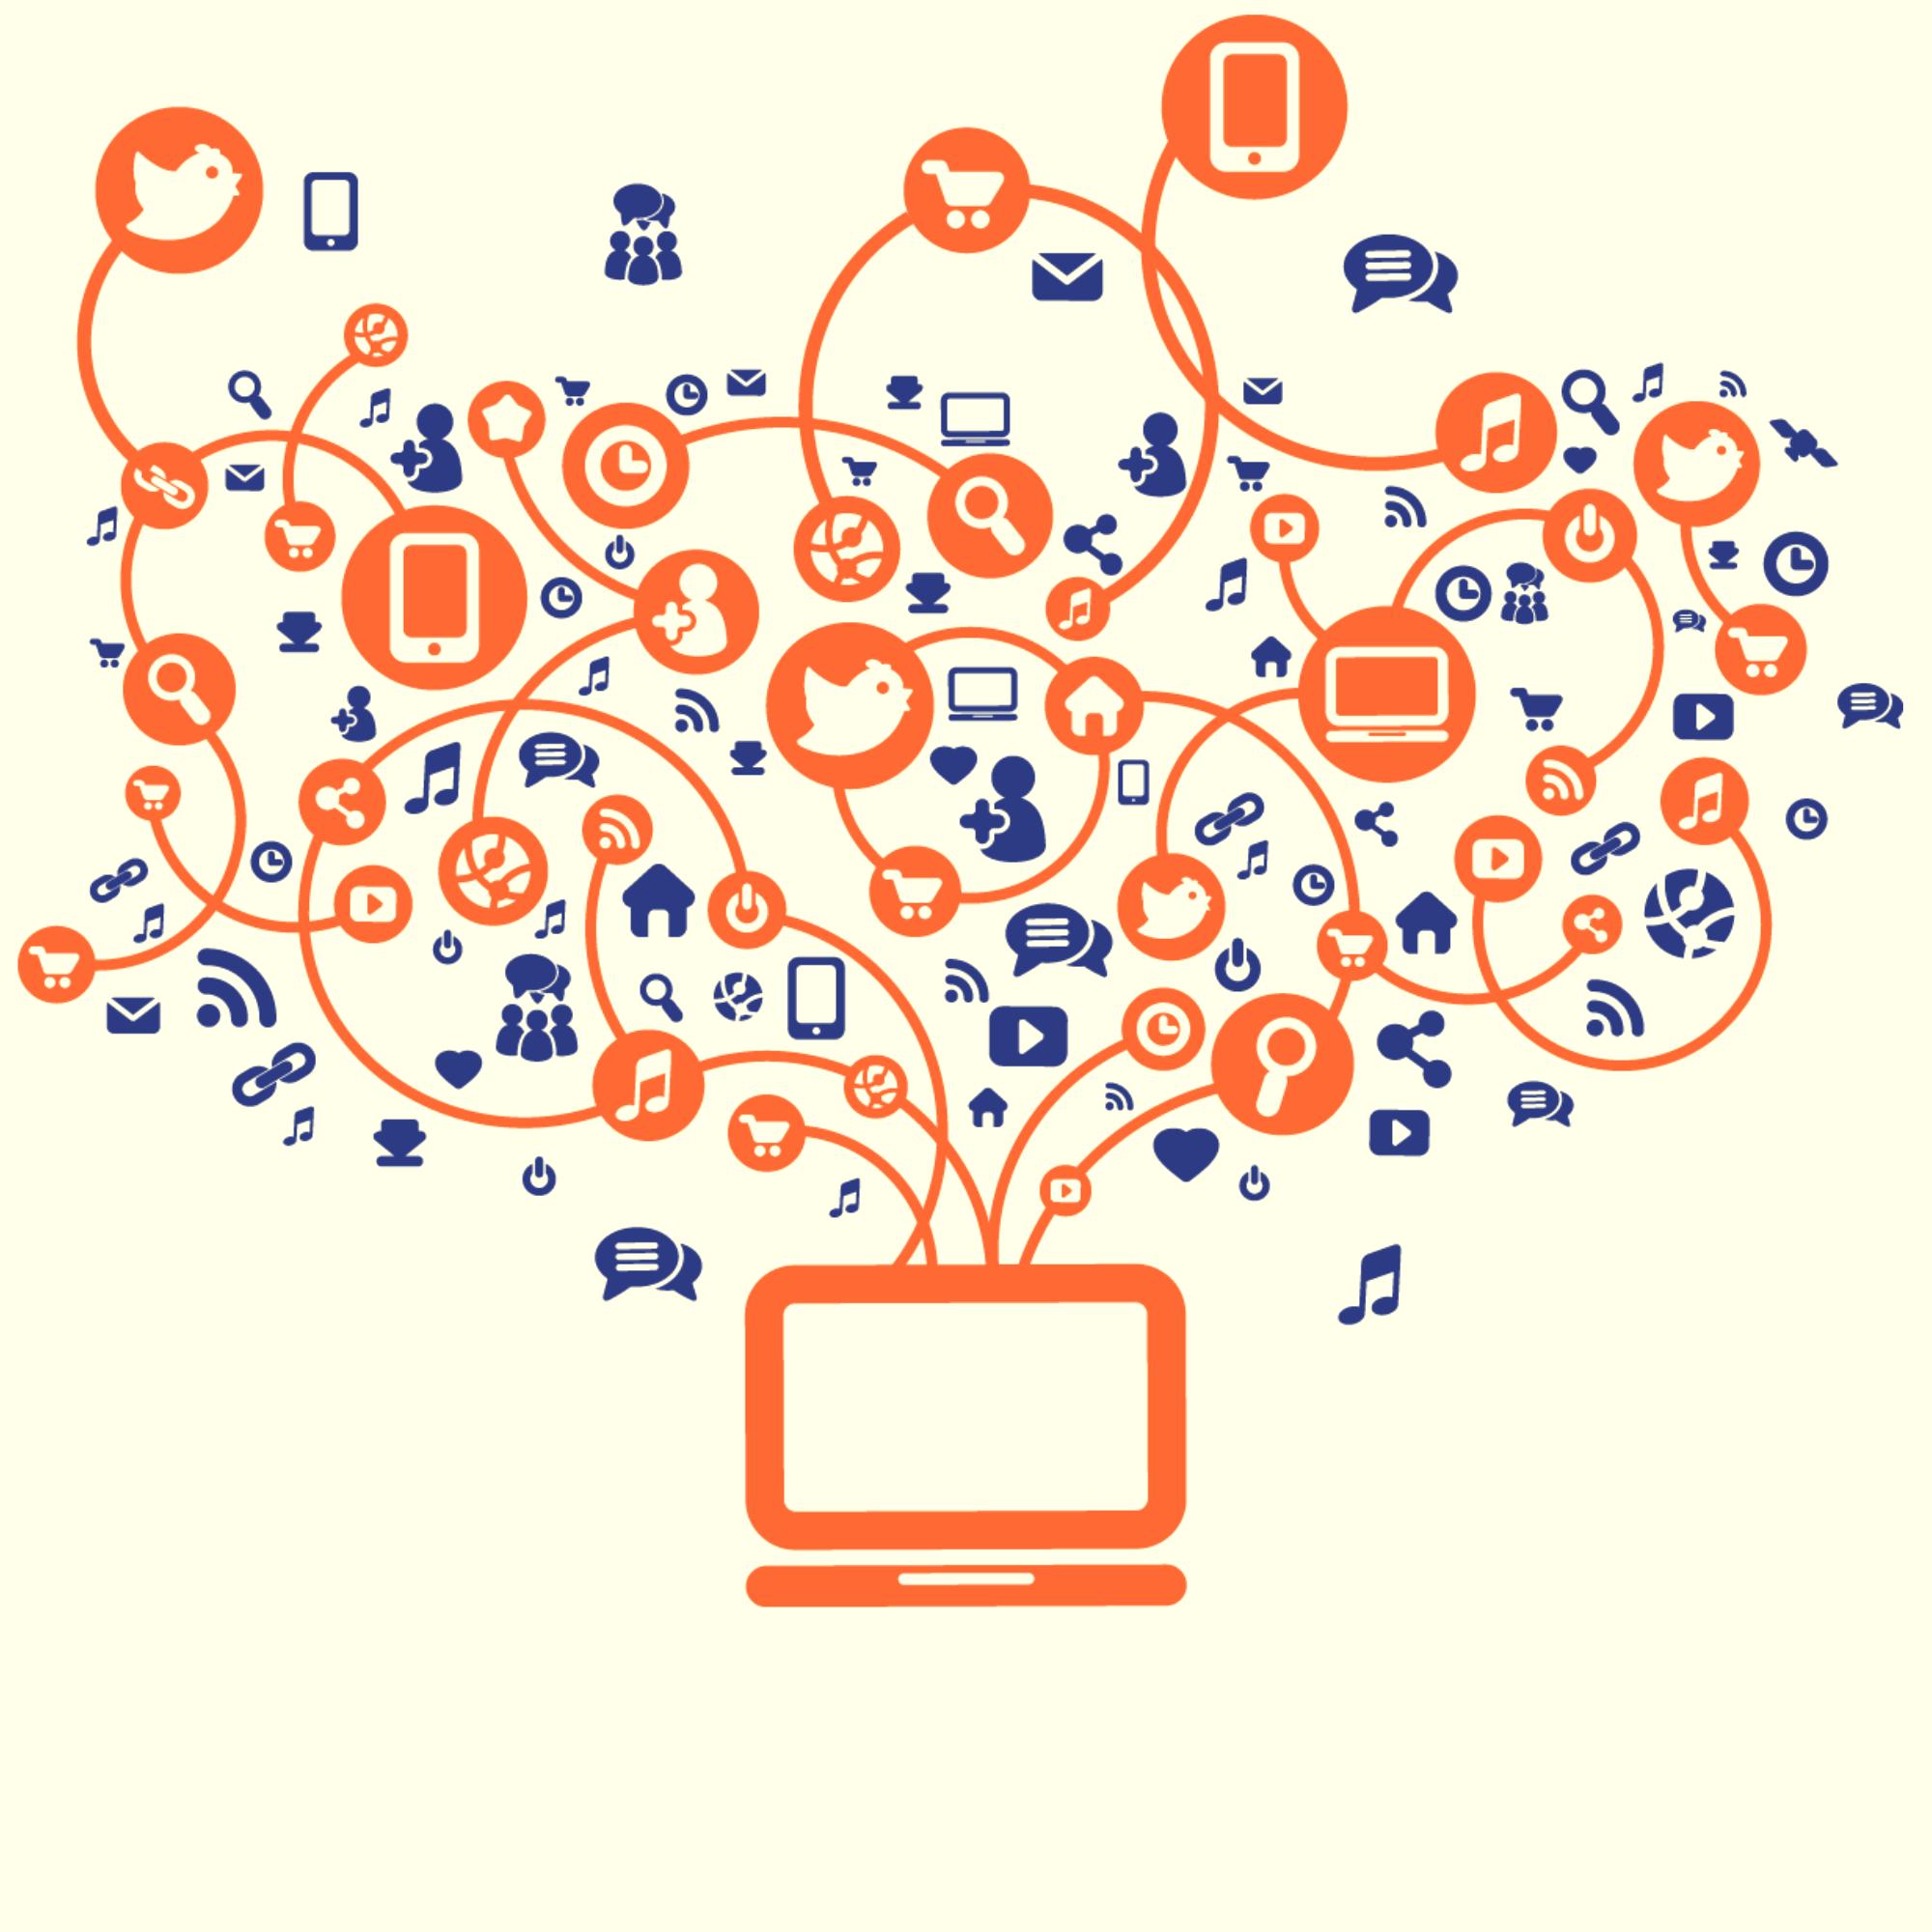 Savjeti za uspješno upoznavanje u digitalnom svijetu